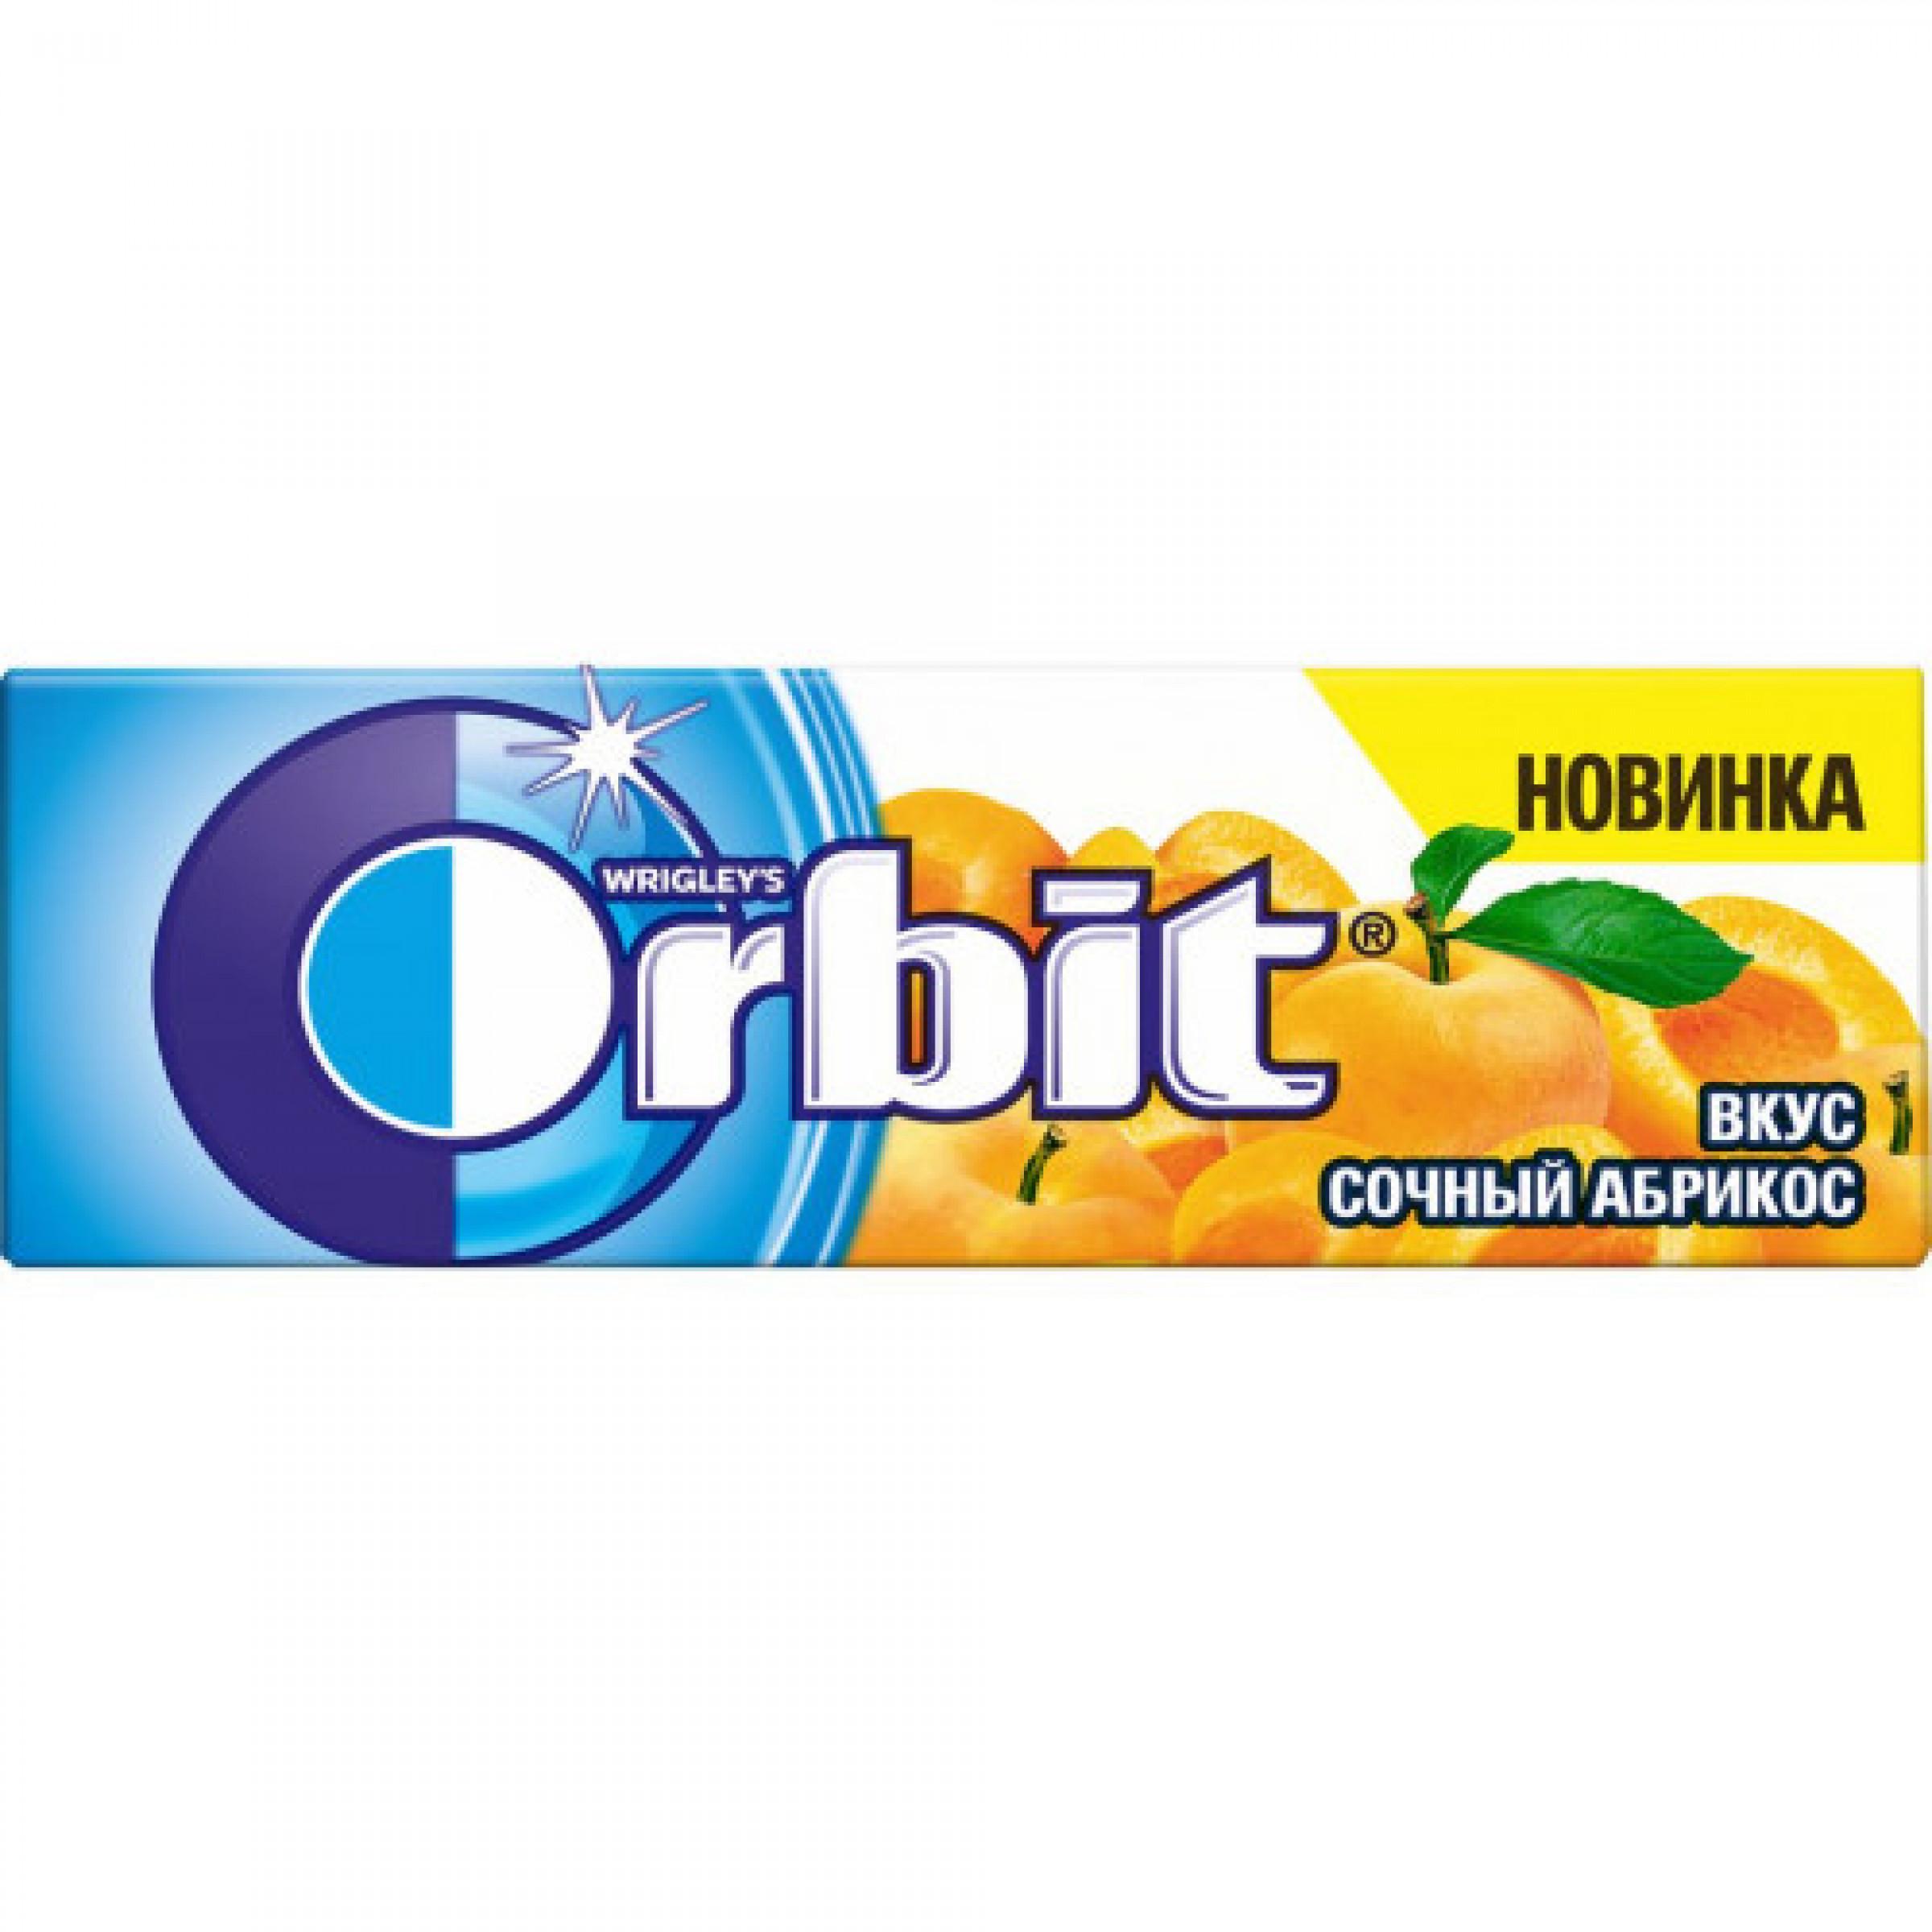 Жевательная резинка Orbit Сочный Абрикос без сахара, 13. 6 гр